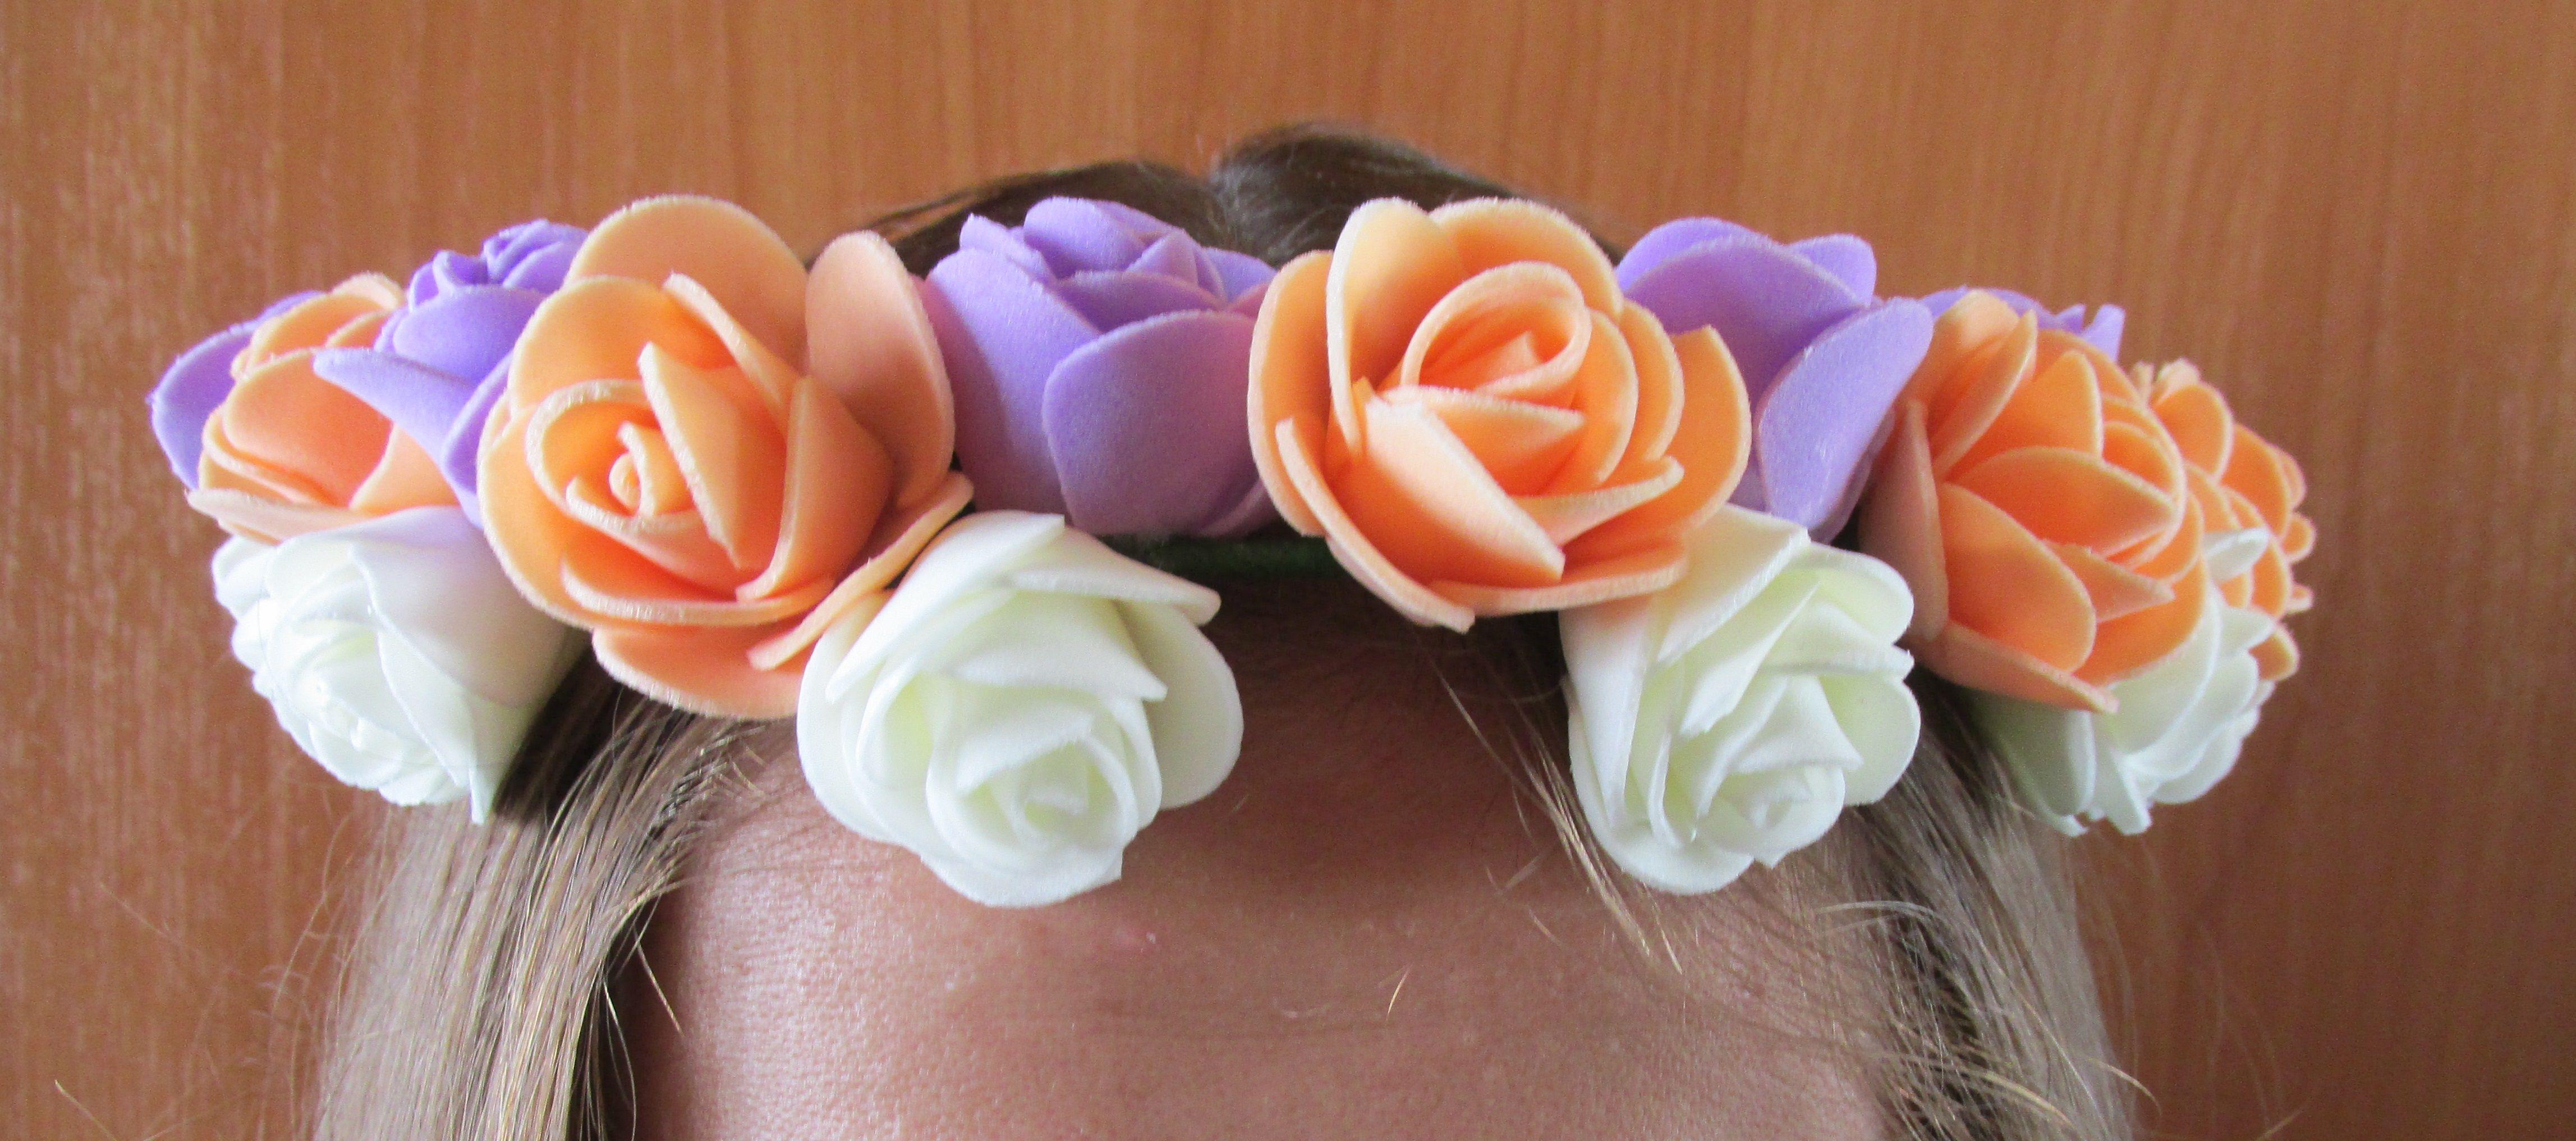 женщина венок цветы лето искусственные украшение ободок голова заказ